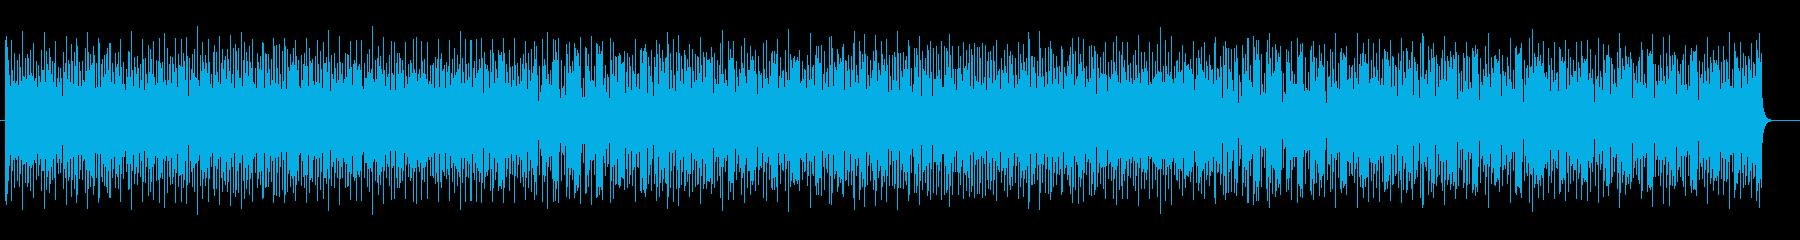 ピアノ中心の軽やかなジャズの再生済みの波形